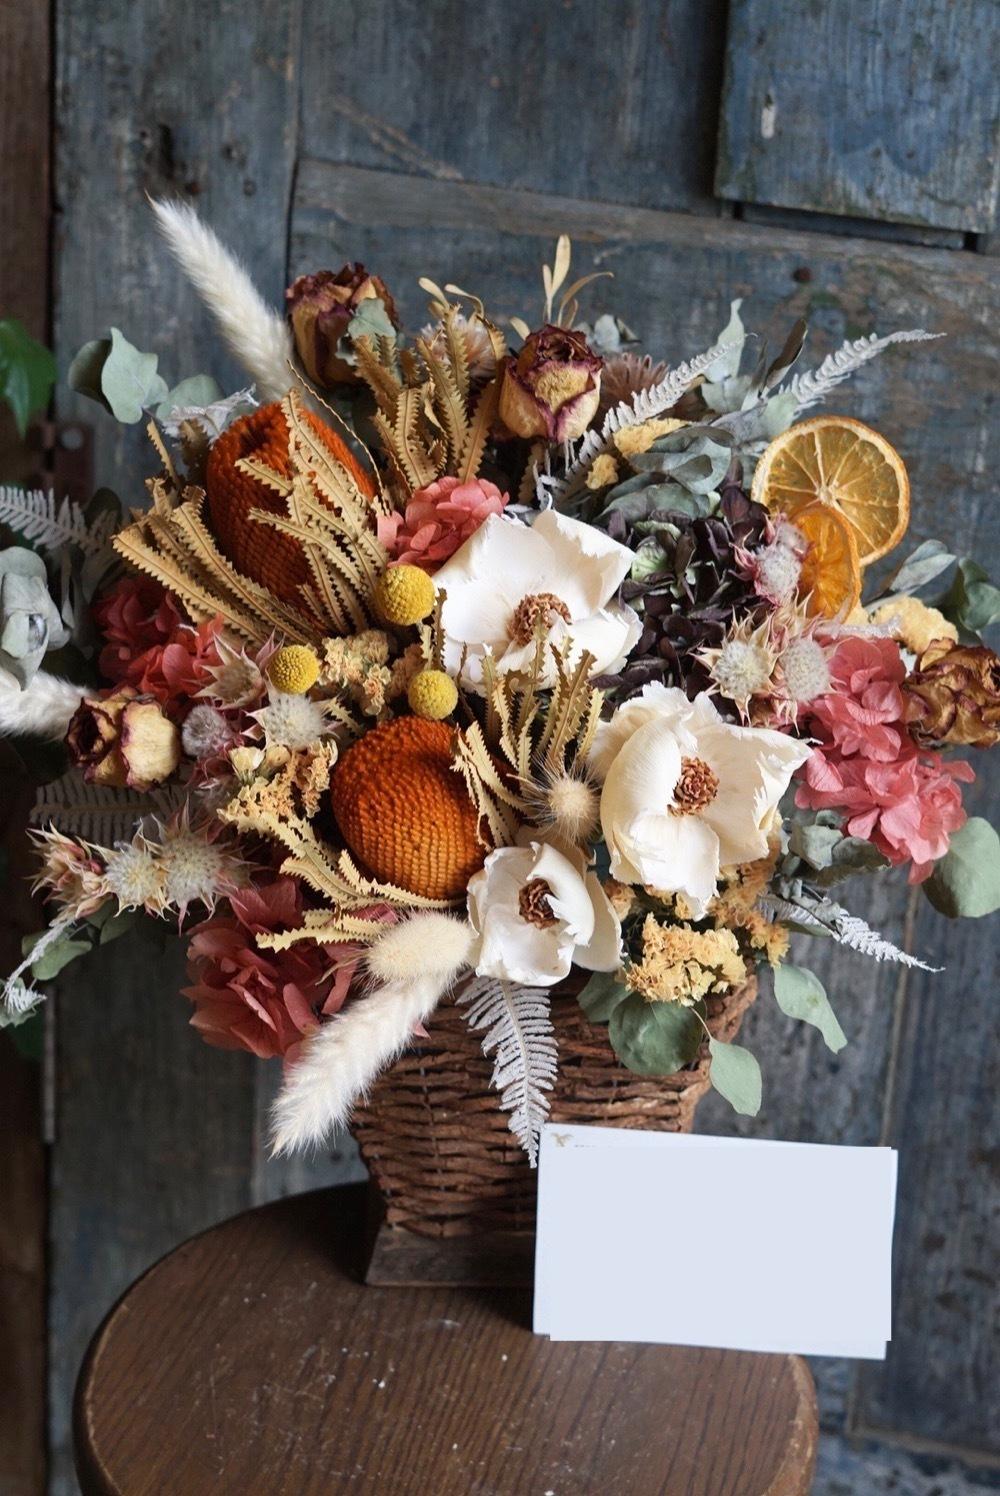 「おめでとうの想いを込めて」門出を祝うドライフラワーの開店祝い花